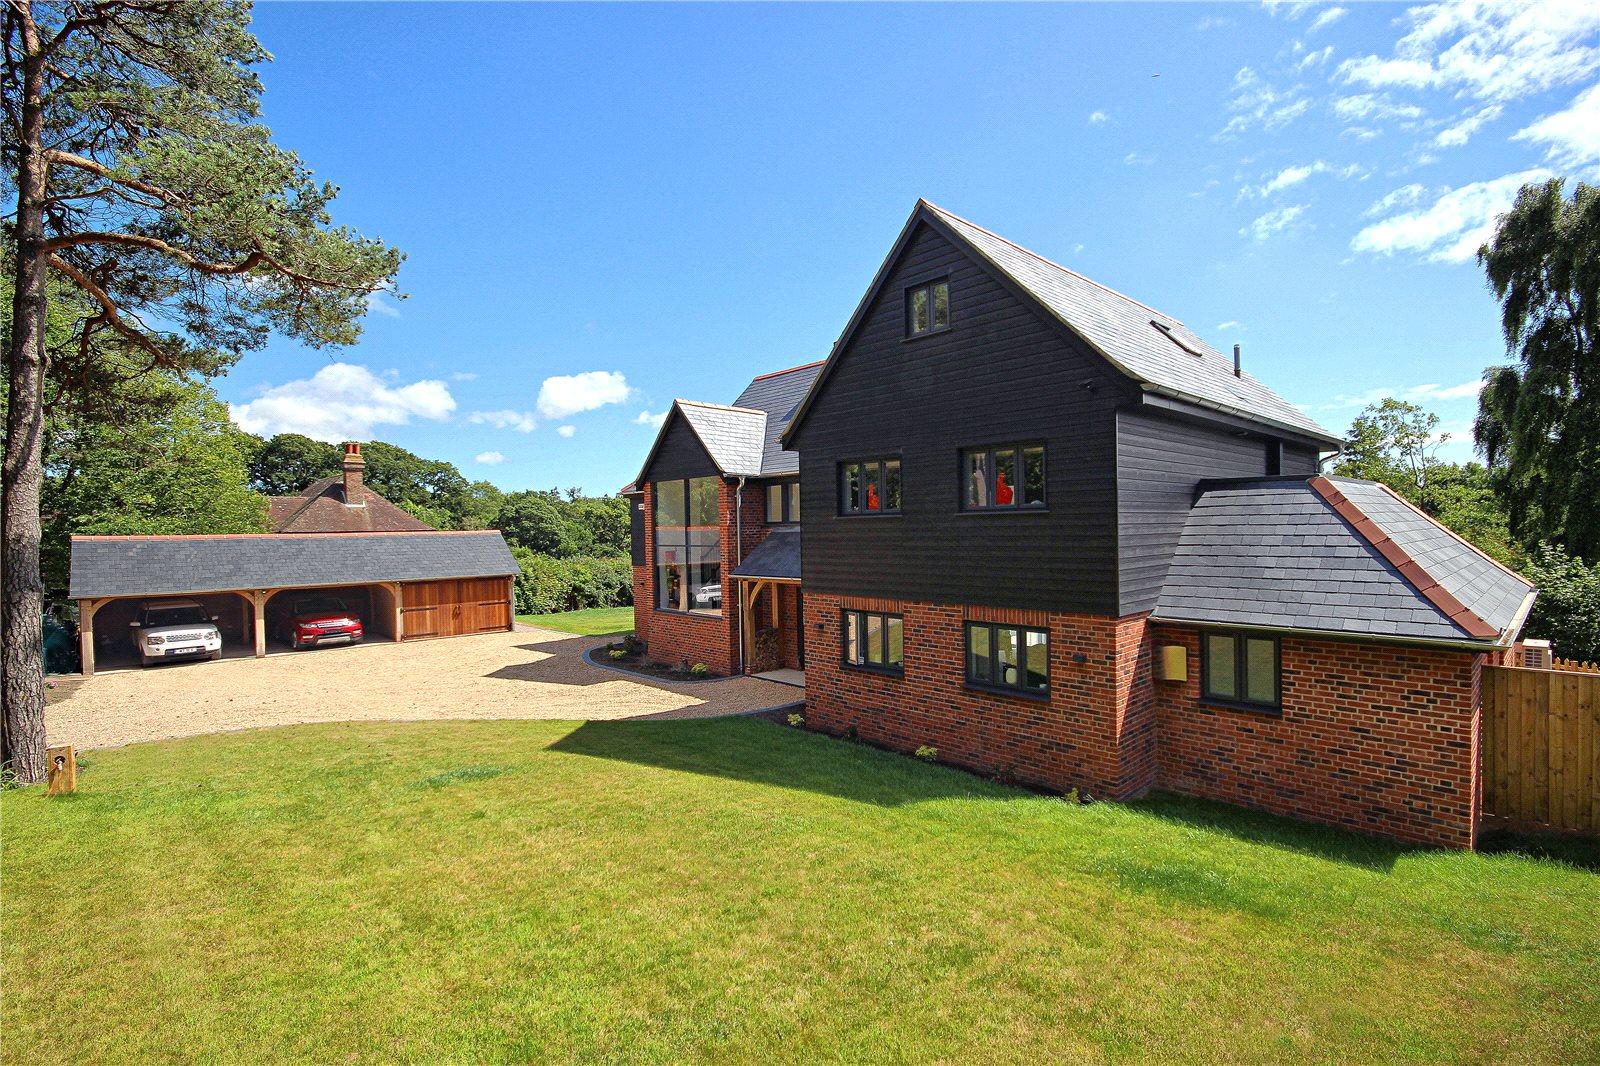 独户住宅 为 销售 在 Salthill Road, Chichester, West Sussex, PO19 Chichester, 英格兰